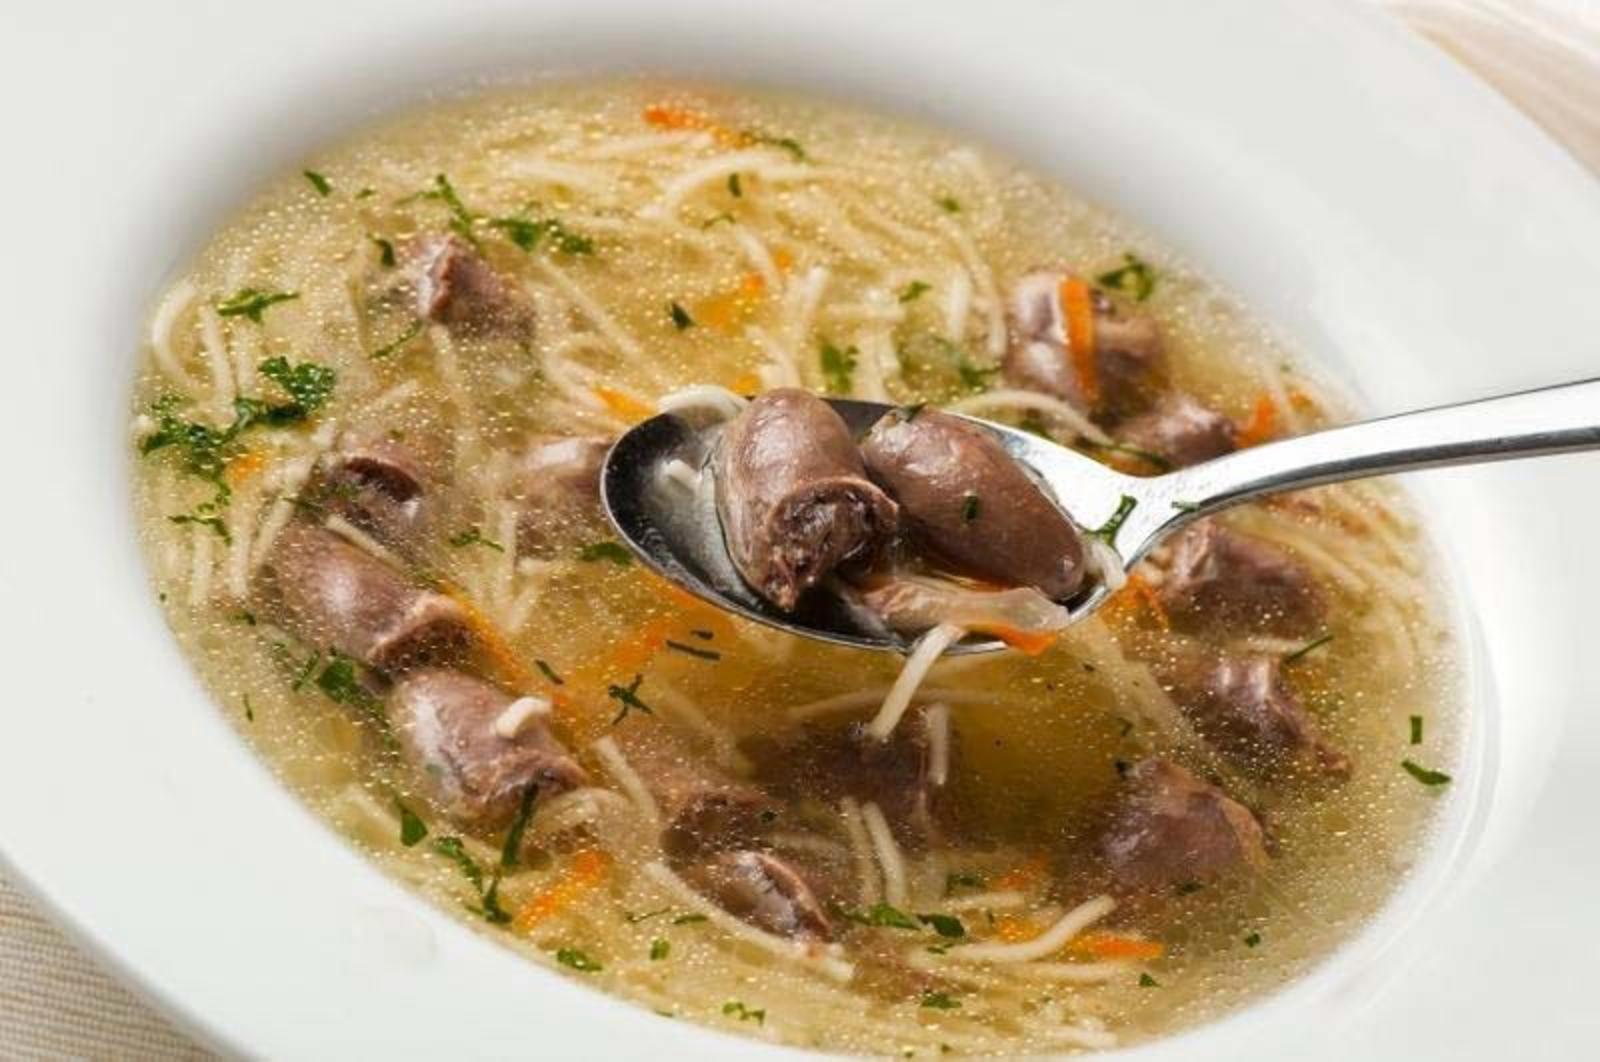 удобное месторасположение суп из куриных потрохов рецепт с фото наше время драконы